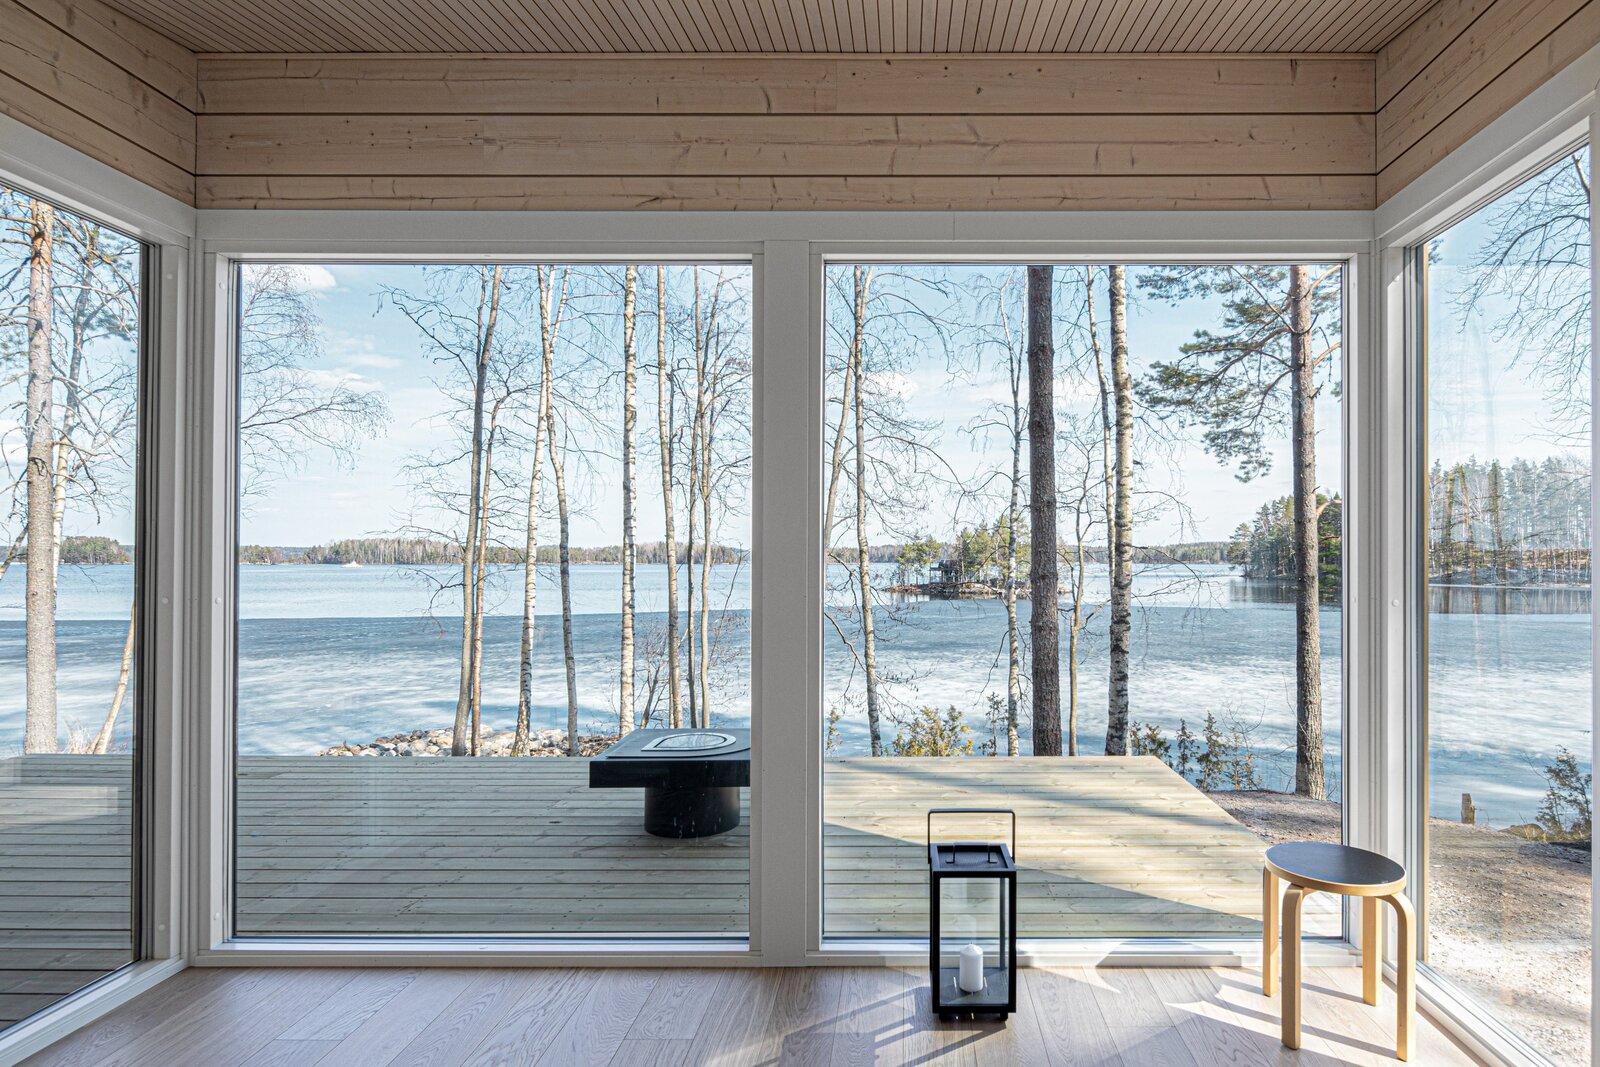 Grandes ventanales para disfrutar del exterior